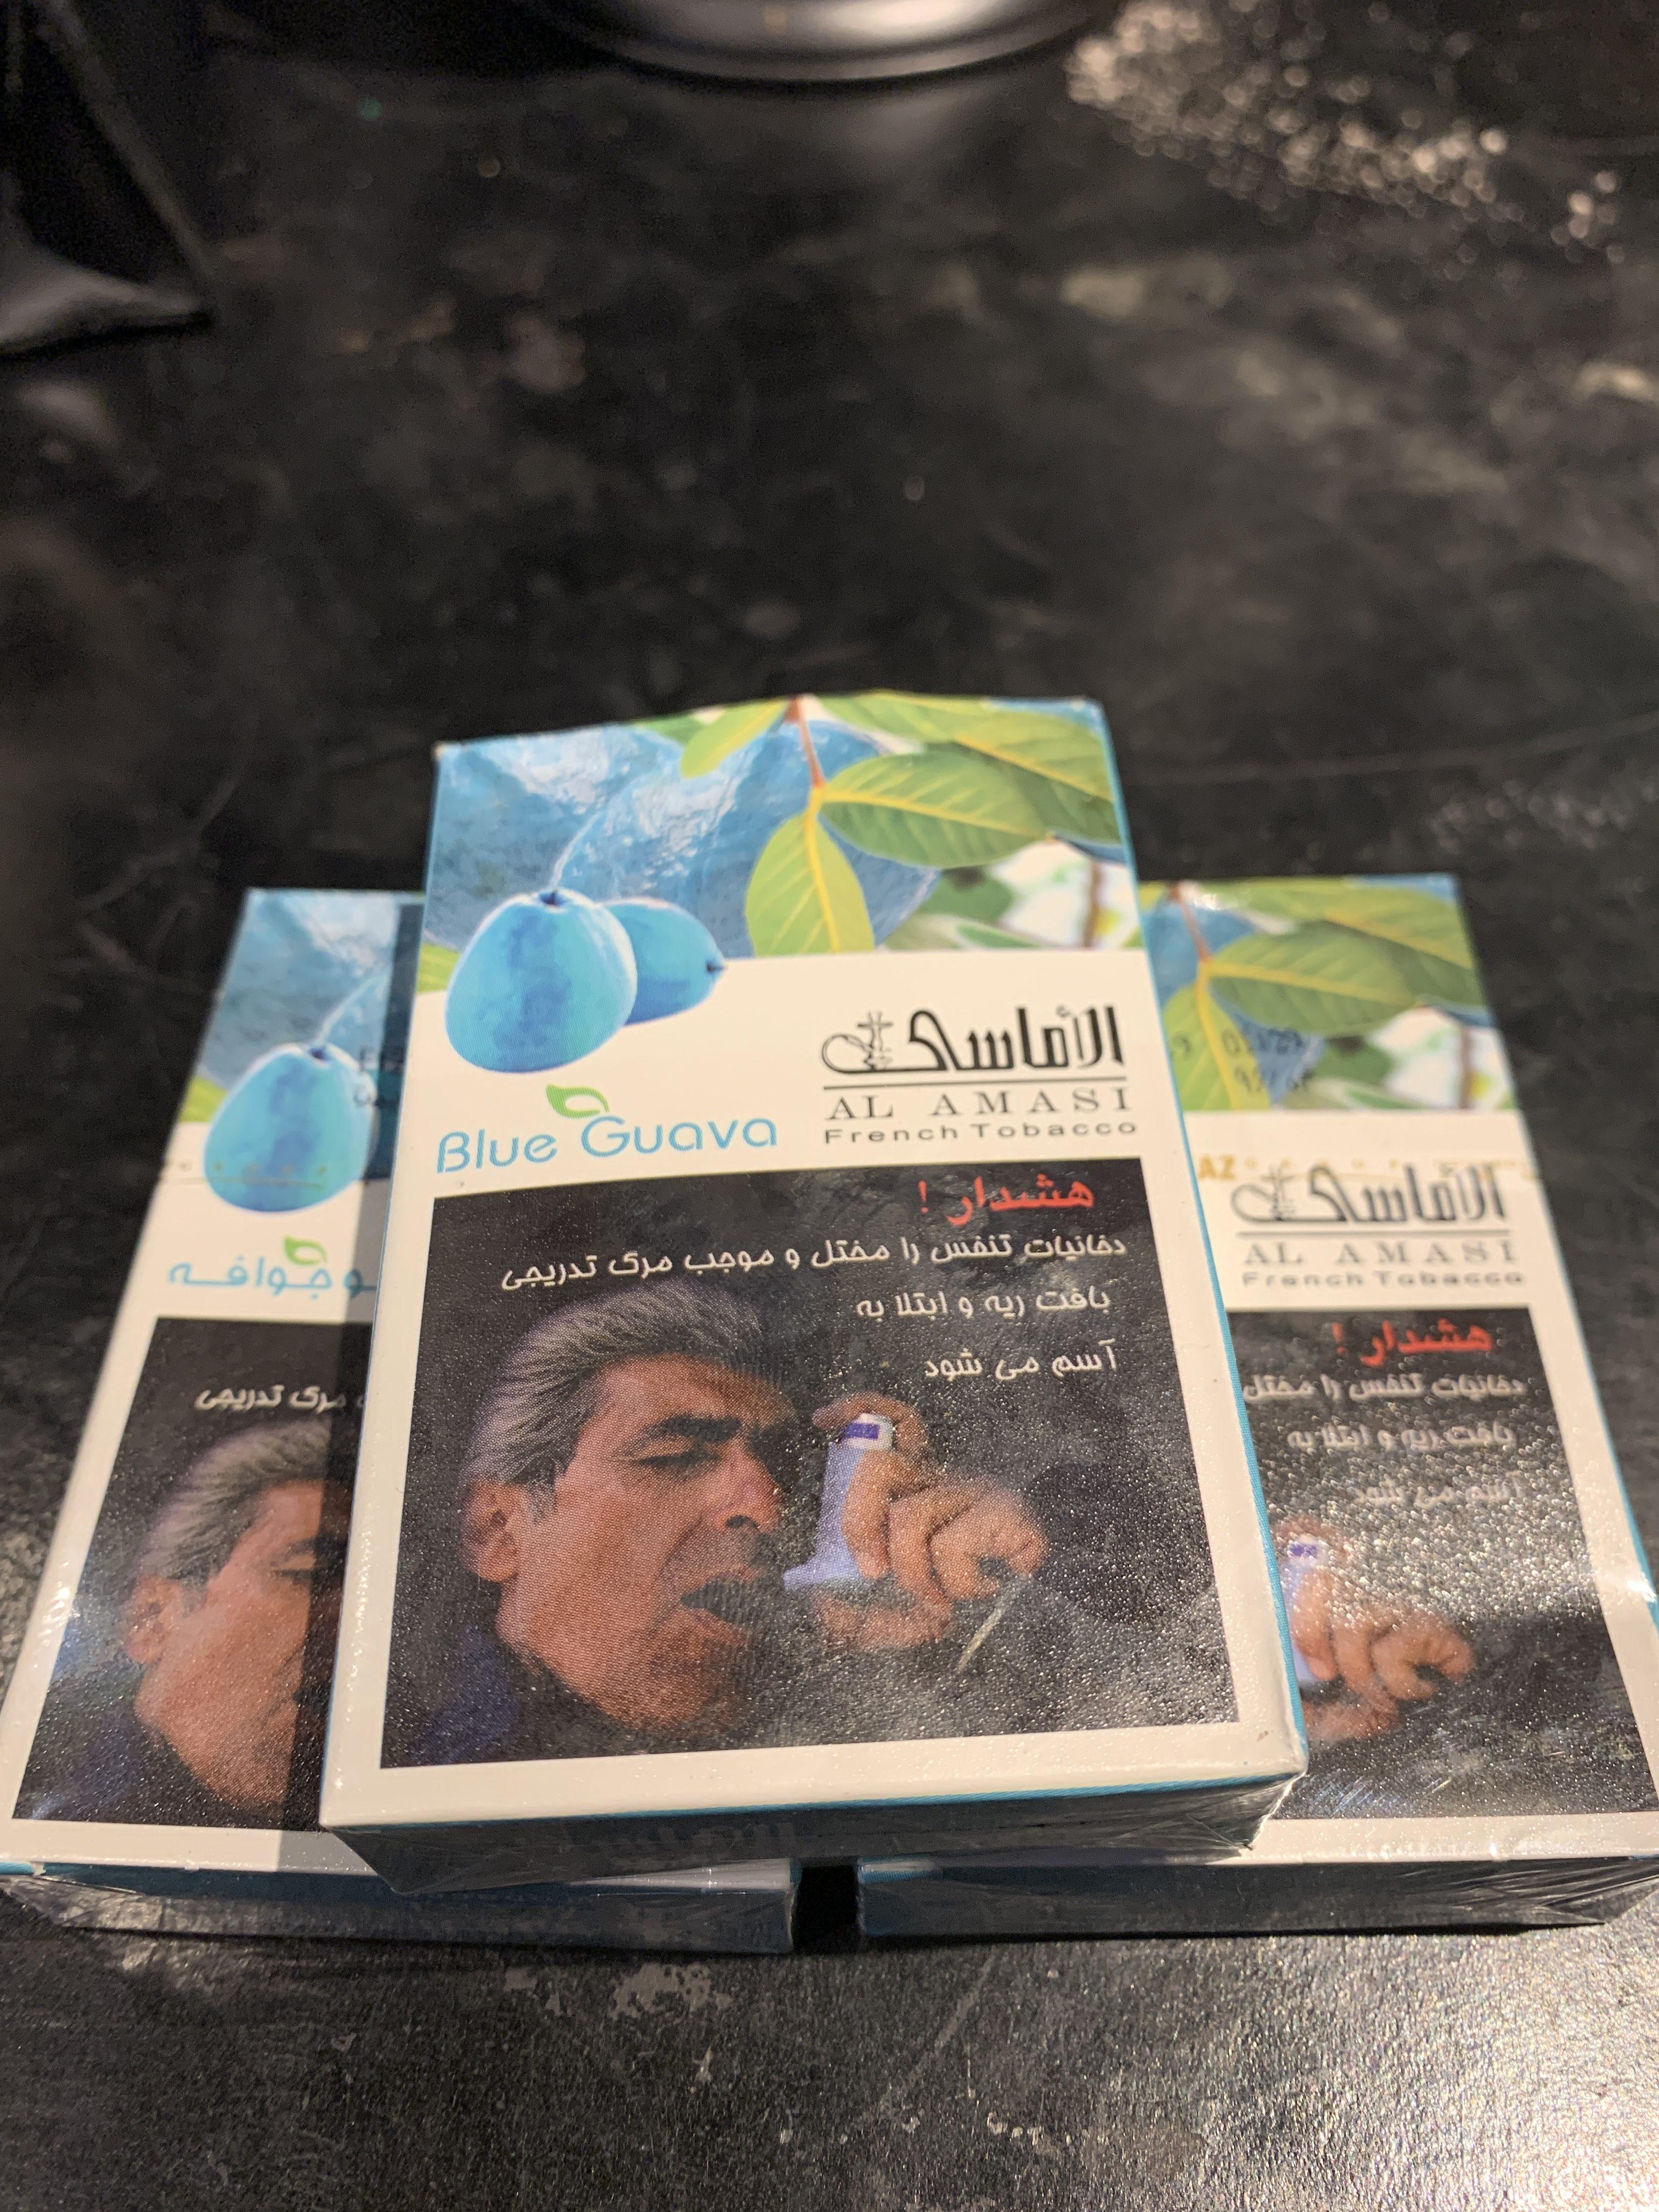 シーシャフレーバーグアバ水タバコ